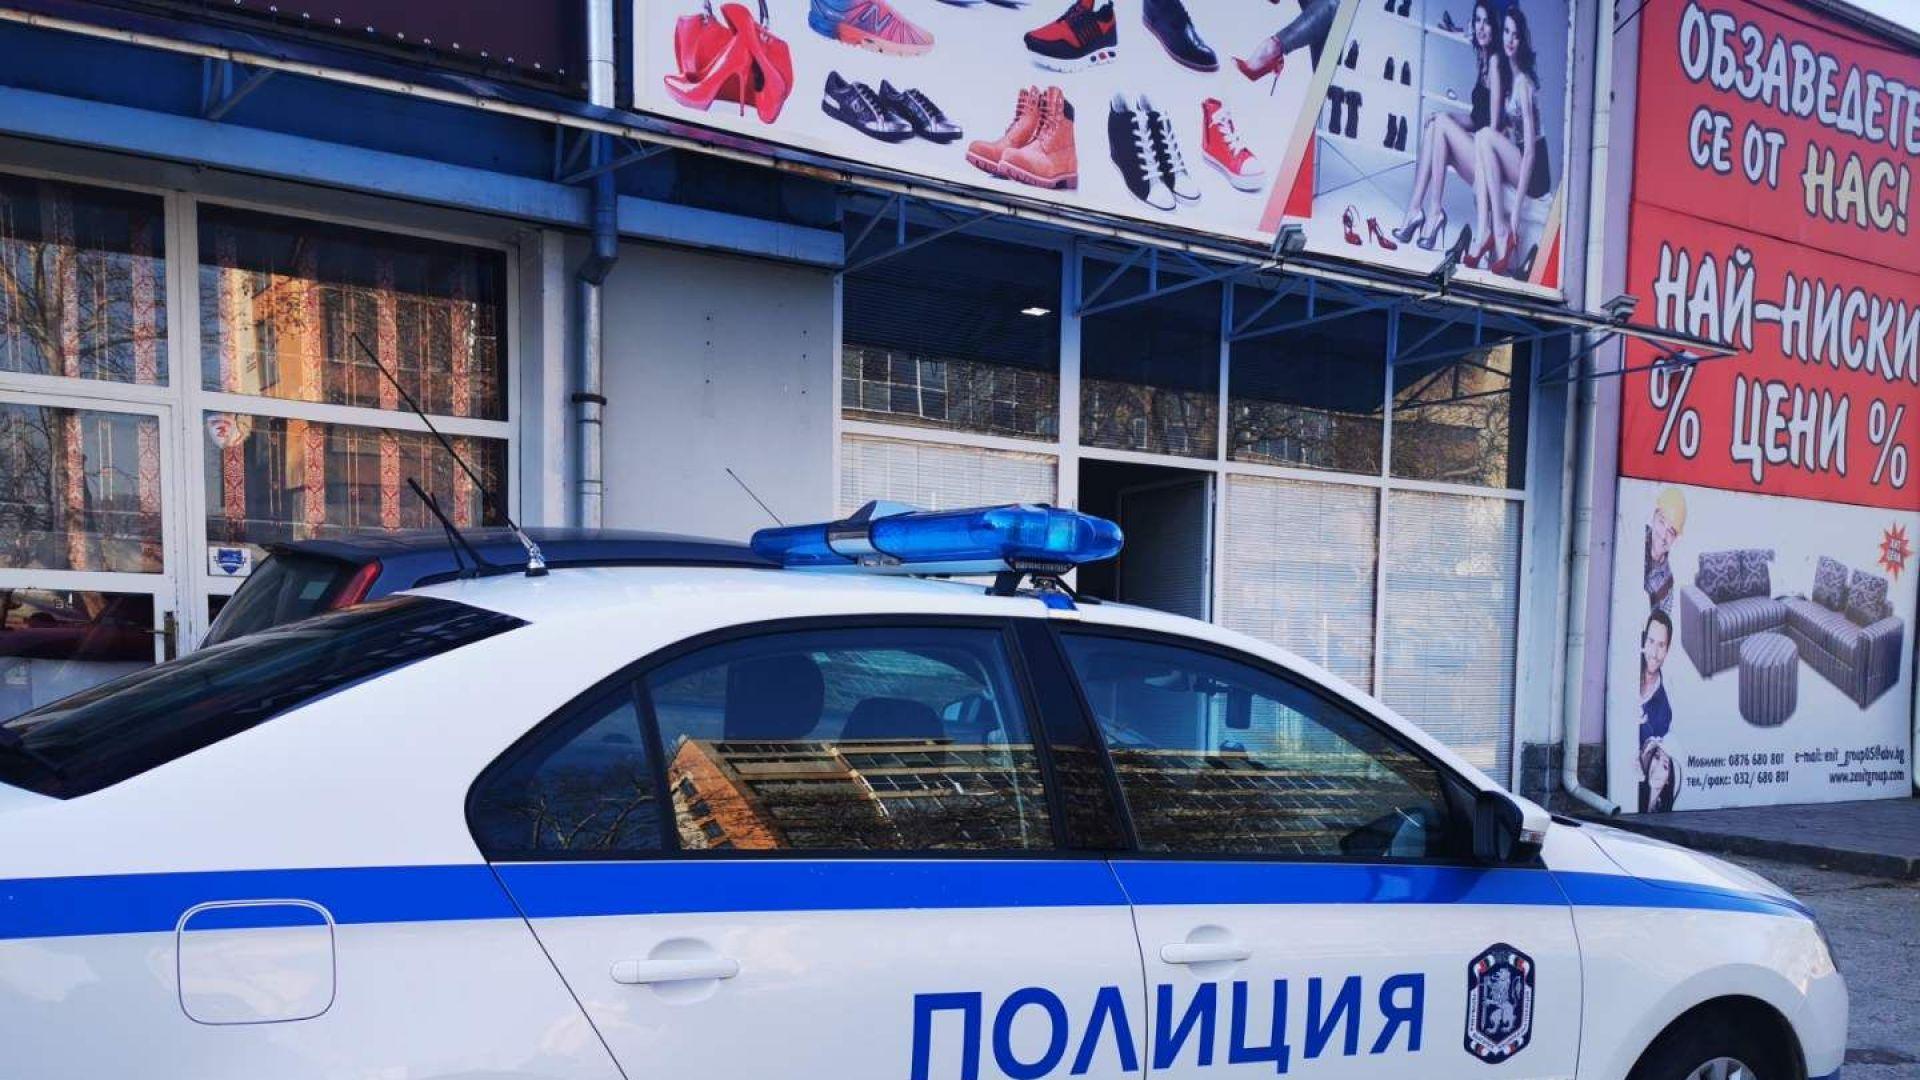 10 арестувани в Пловдив, продали онлайн маратонки менте за 700 000 лв.